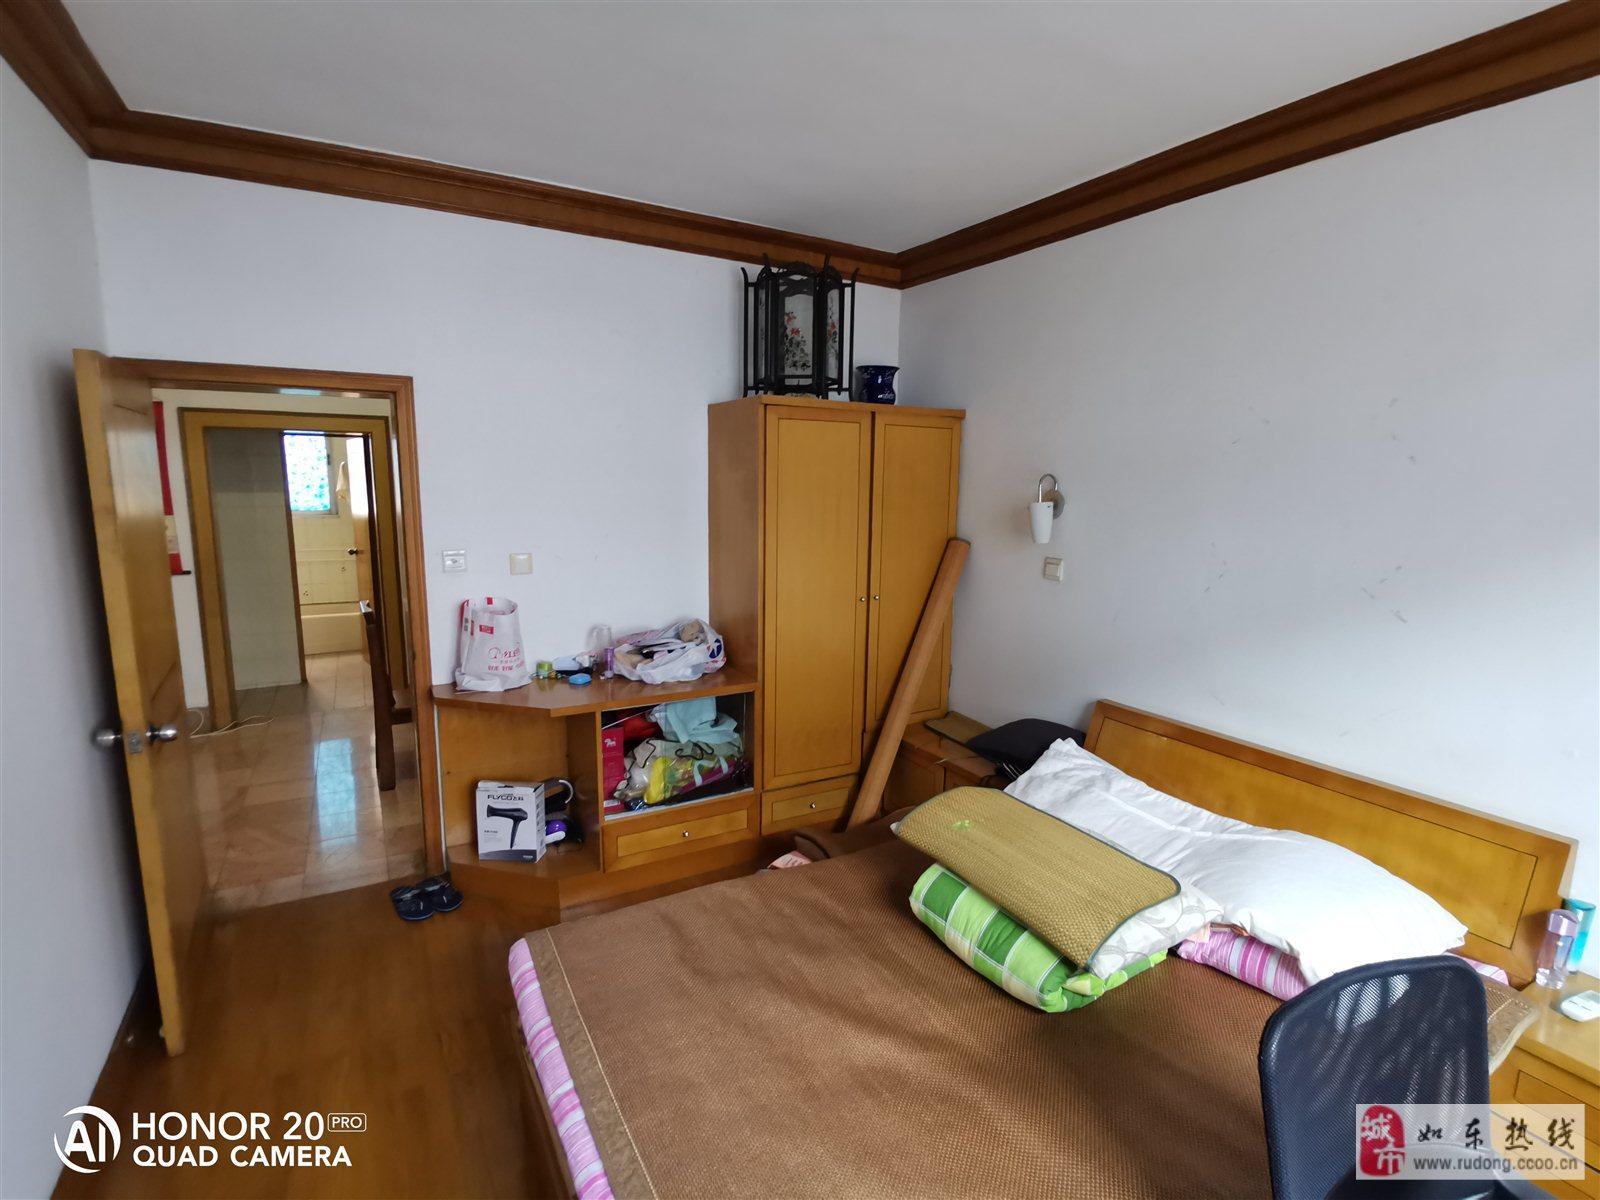 日暉小區108平米3室2廳1衛贈附房